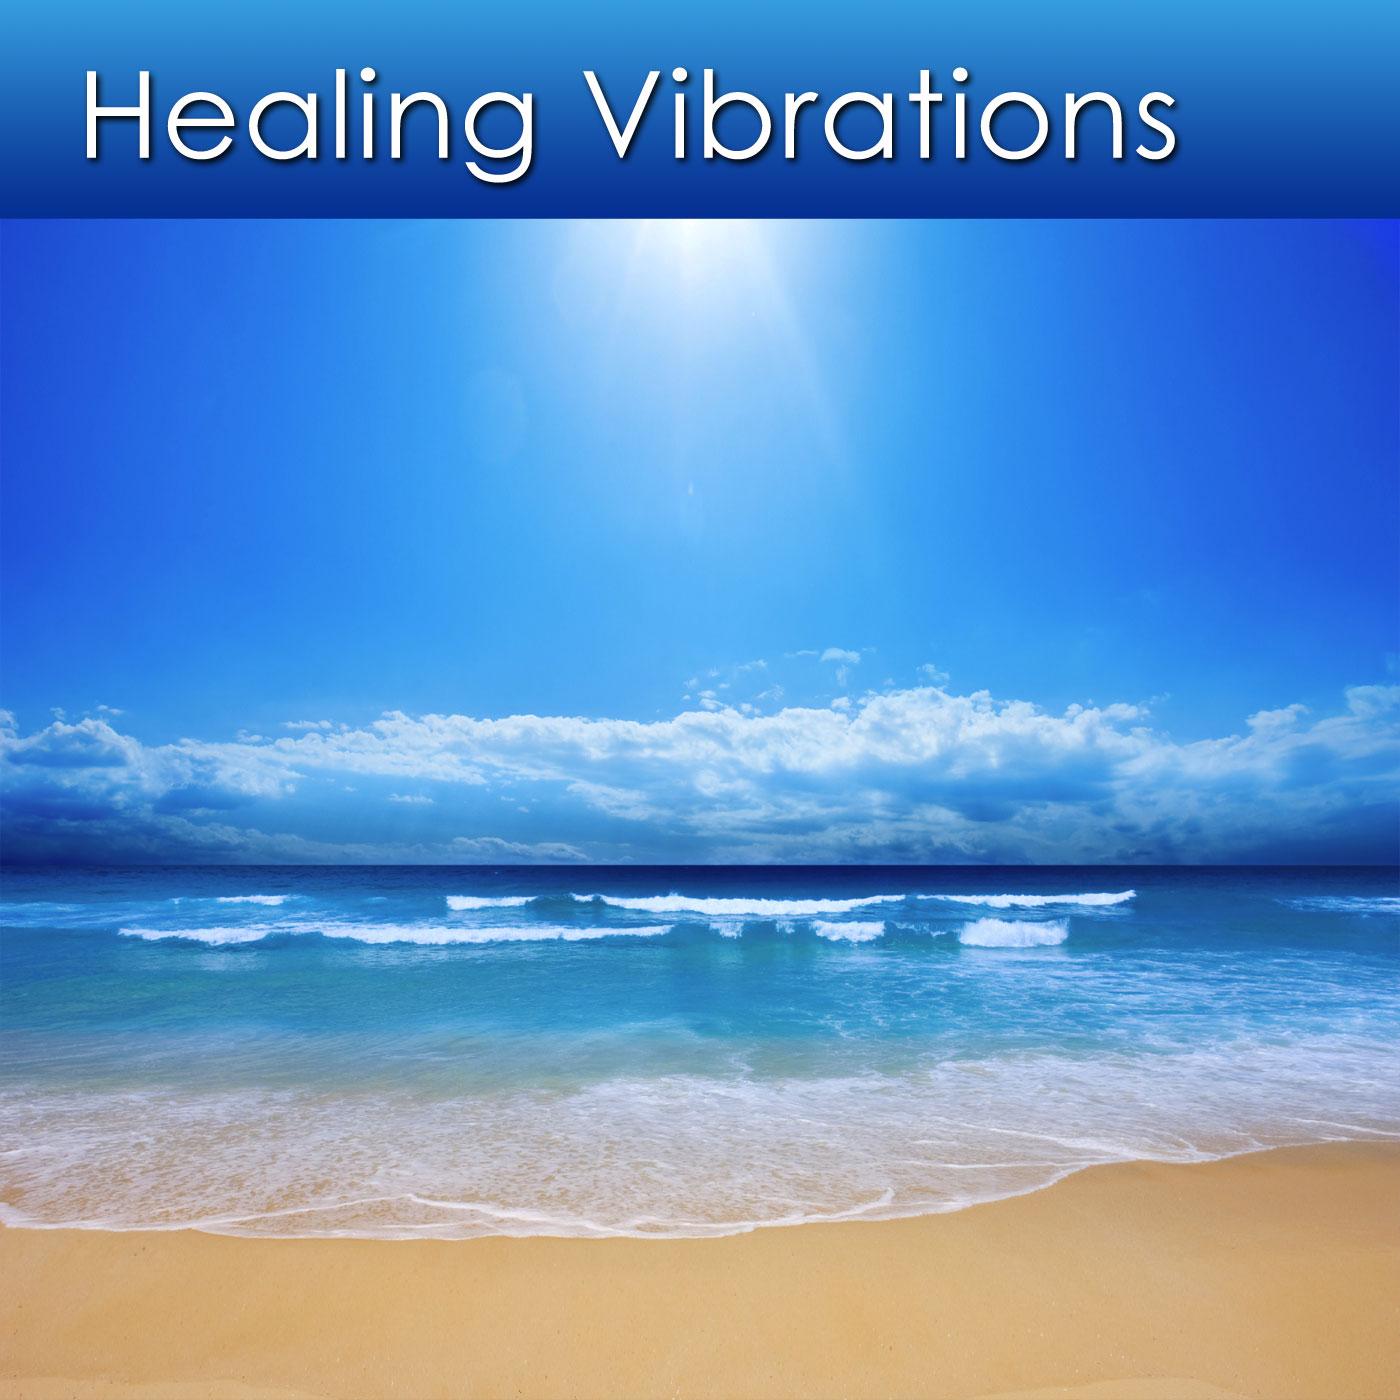 Healing-Vibrations1400x1400.jpg